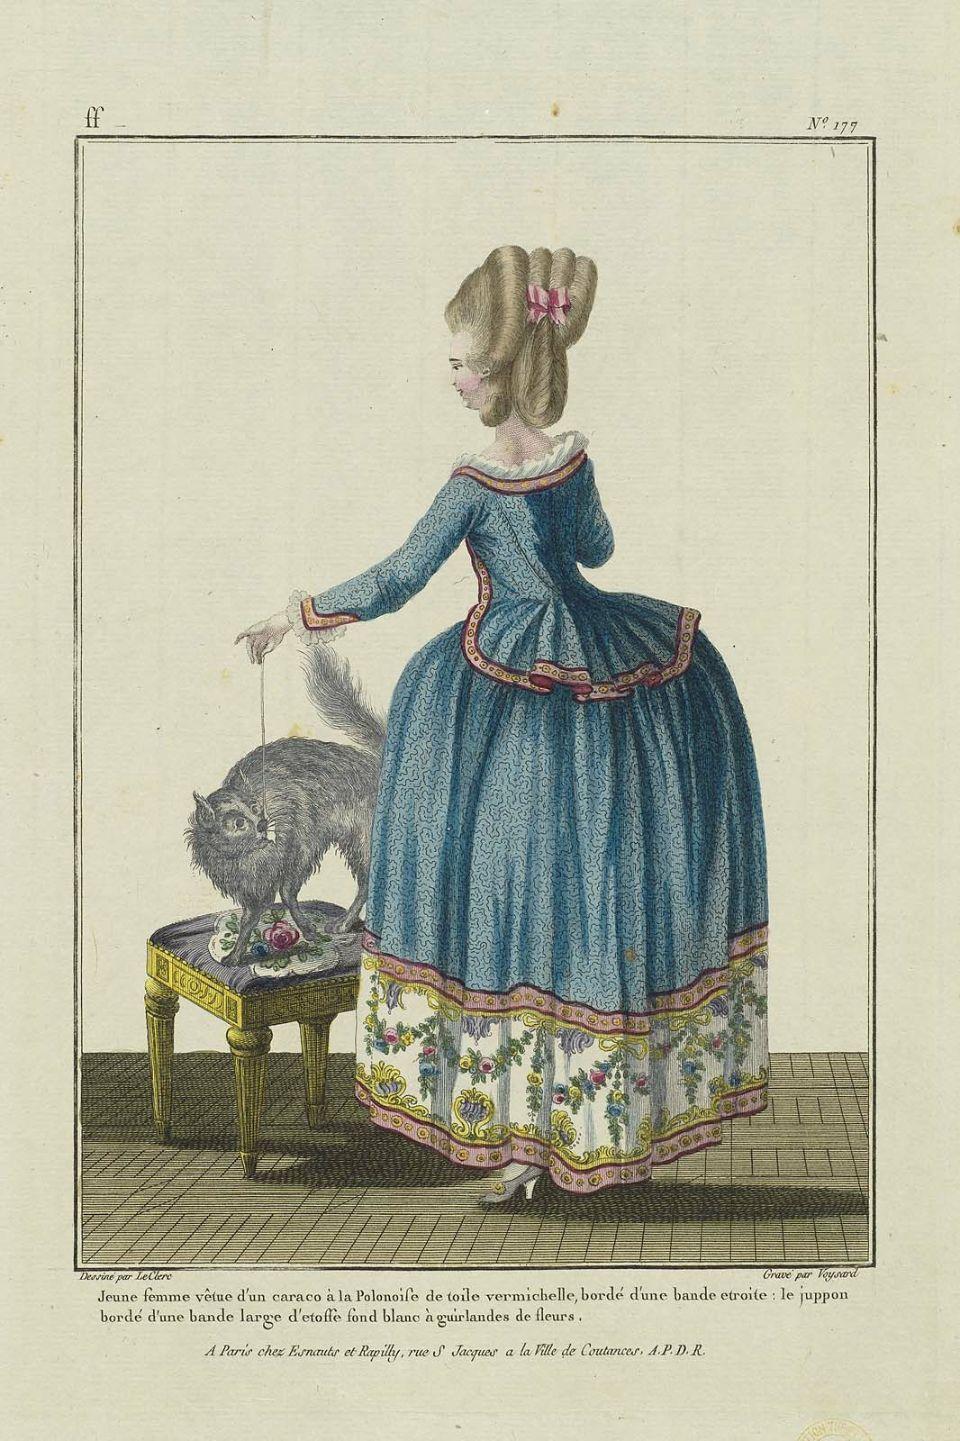 Blanc Bonnet Et Bonnet Blanc Figure De Style : blanc, bonnet, figure, style, Fashion, Plates